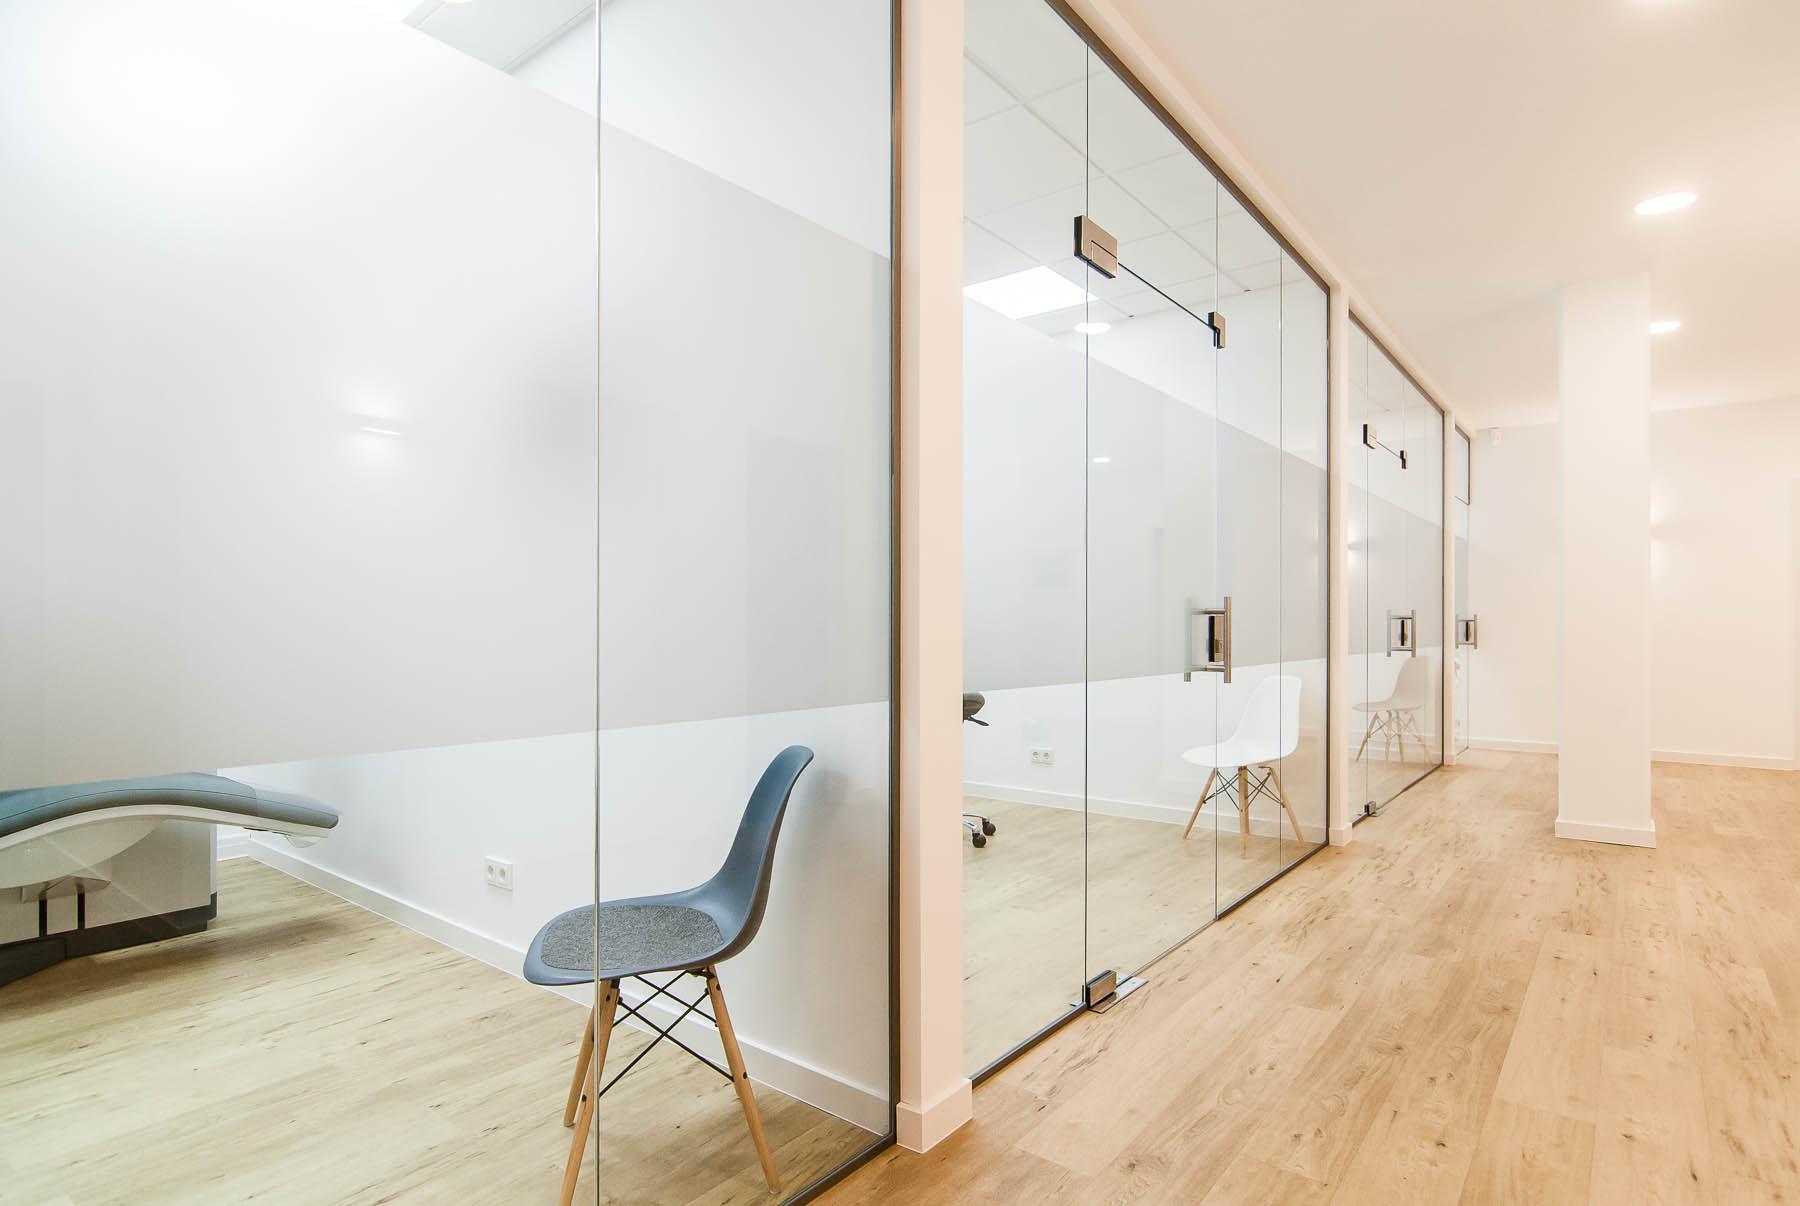 Helle Räume für eine freundliche Atmosphäre